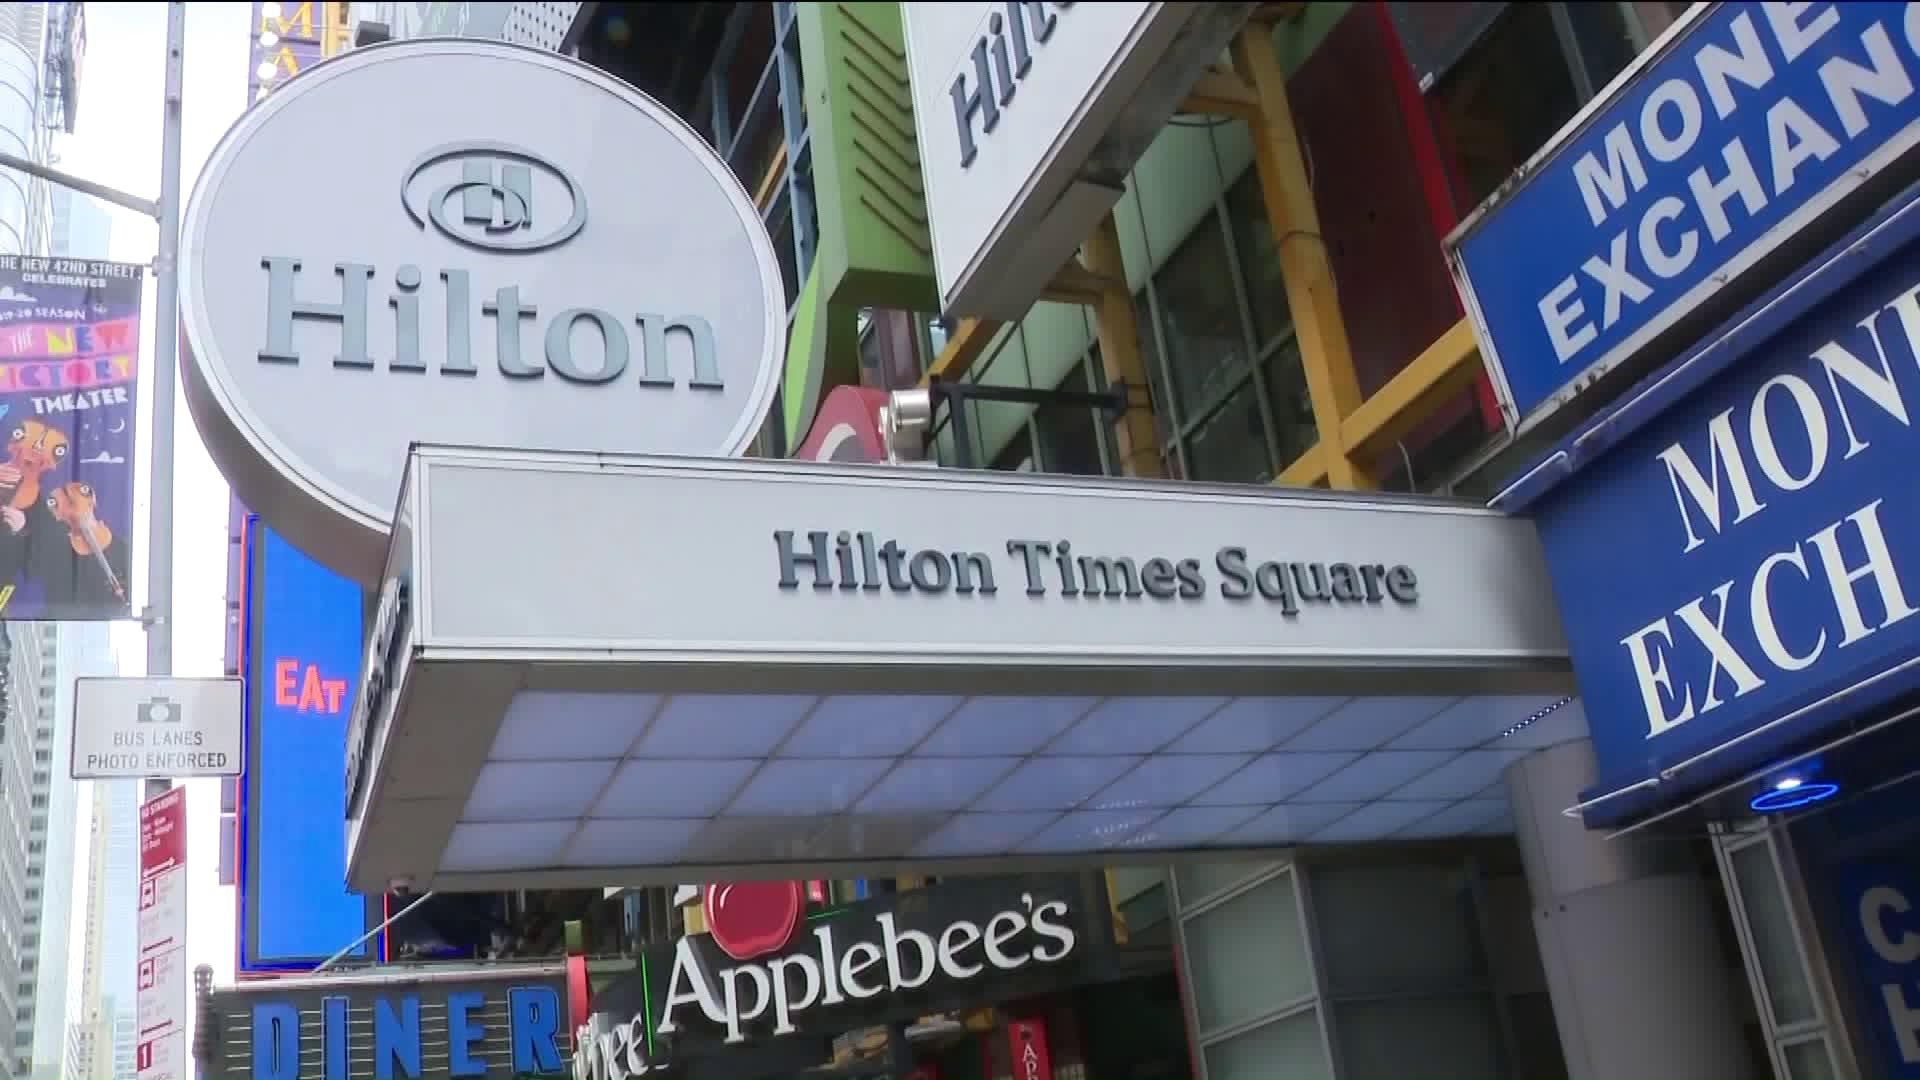 HiltonTimesSquare